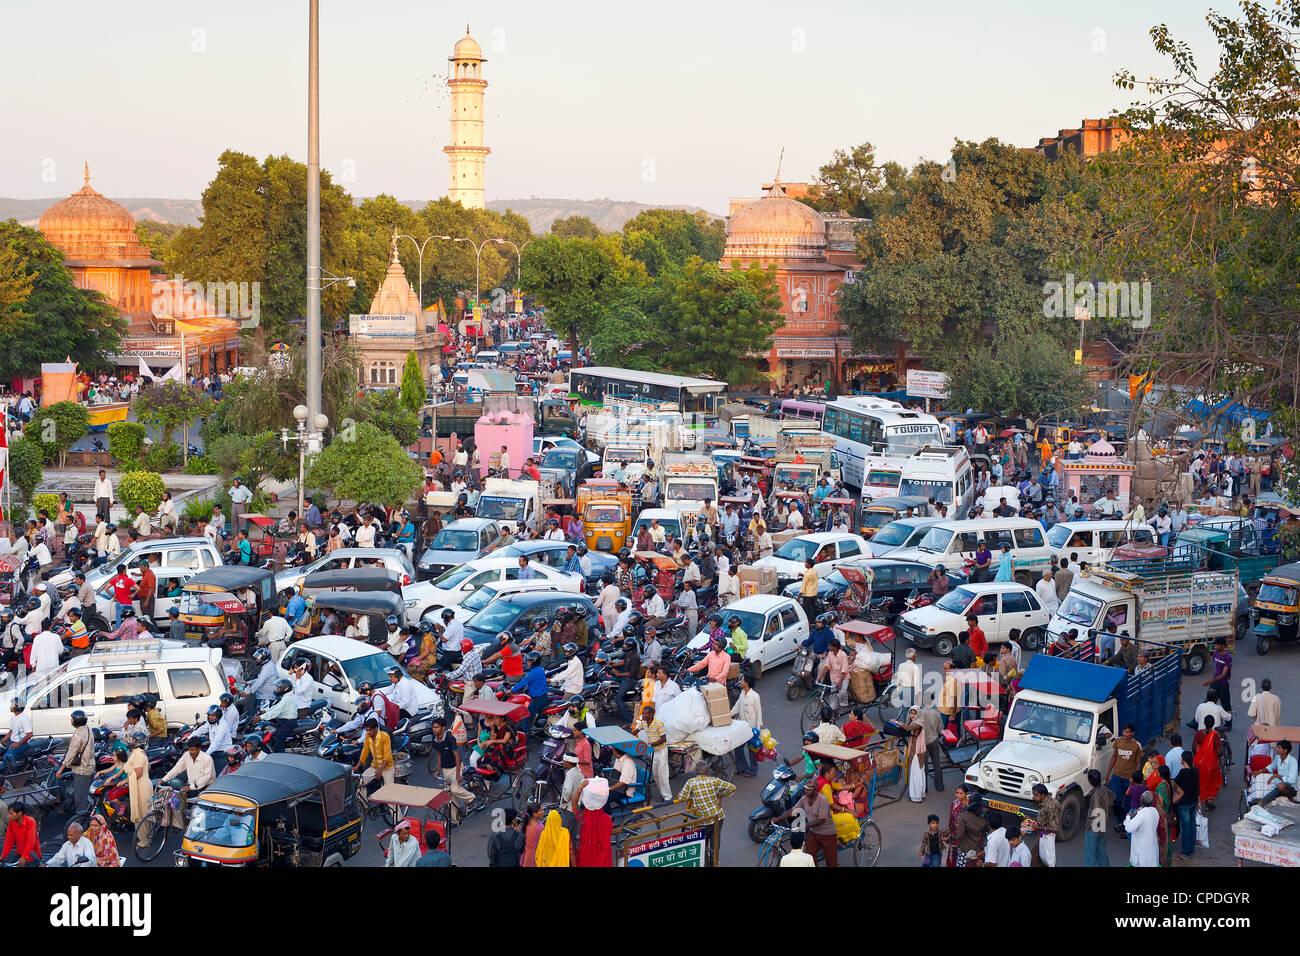 La congestion du trafic et la vie de la rue dans la ville de Jaipur, Rajasthan, Inde, Asie Photo Stock